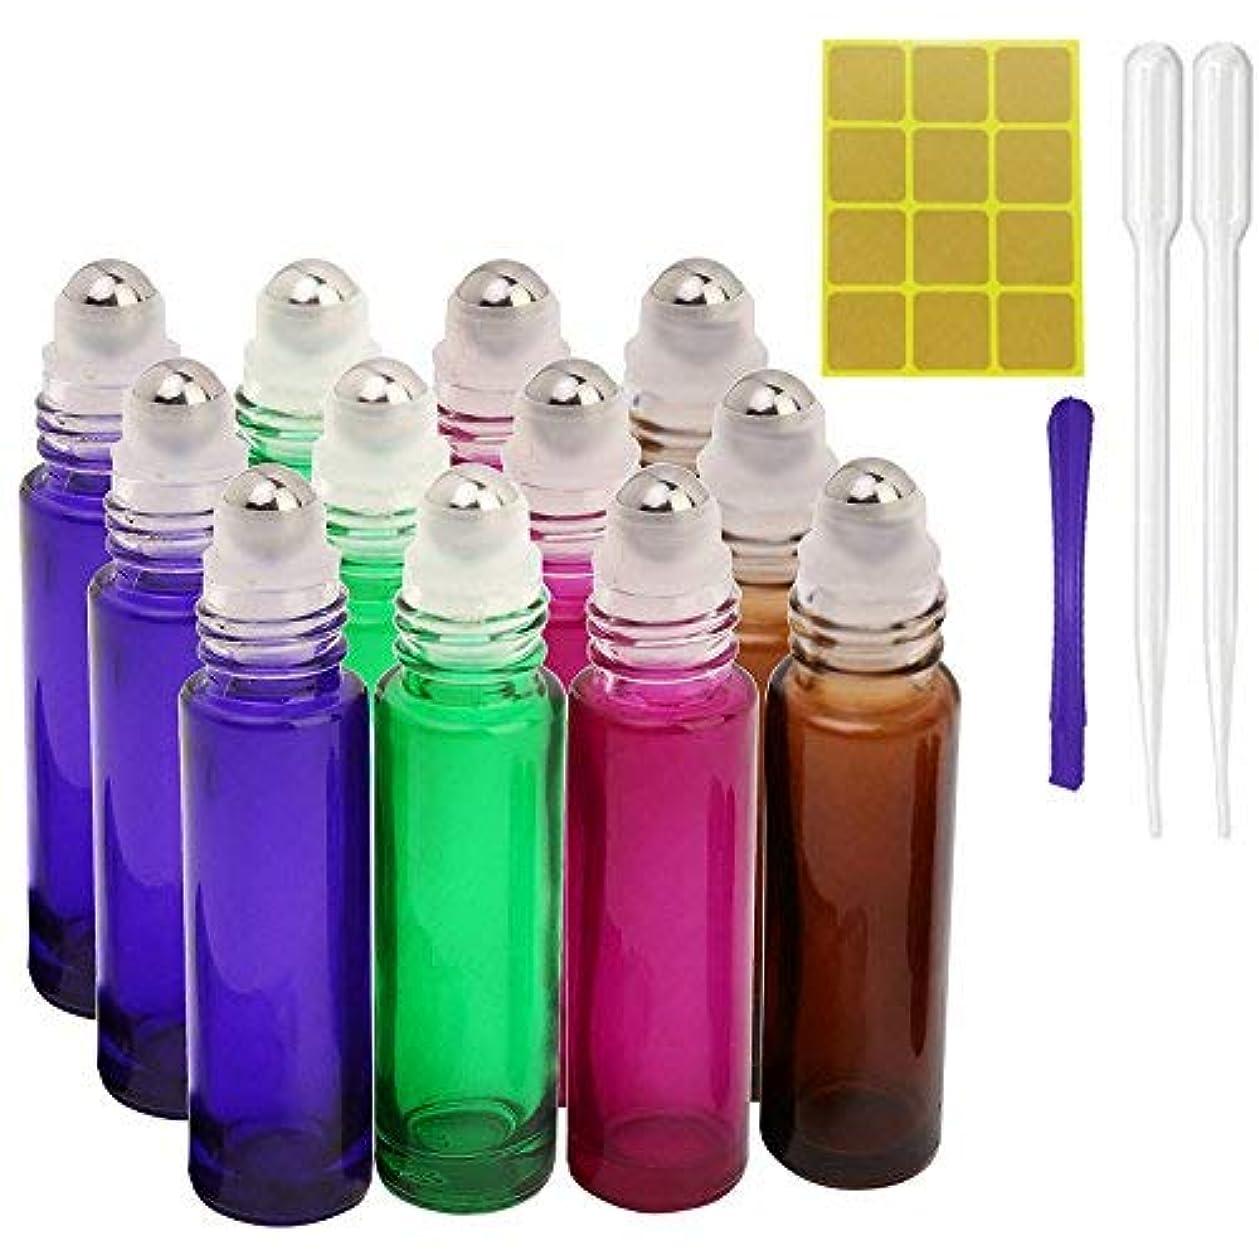 暗くする機知に富んだ枠12, 10ml Roller Bottles for Essential Oils - Glass Refillable Roller on Bottles with 1 Opener, 2 Droppers, 24...